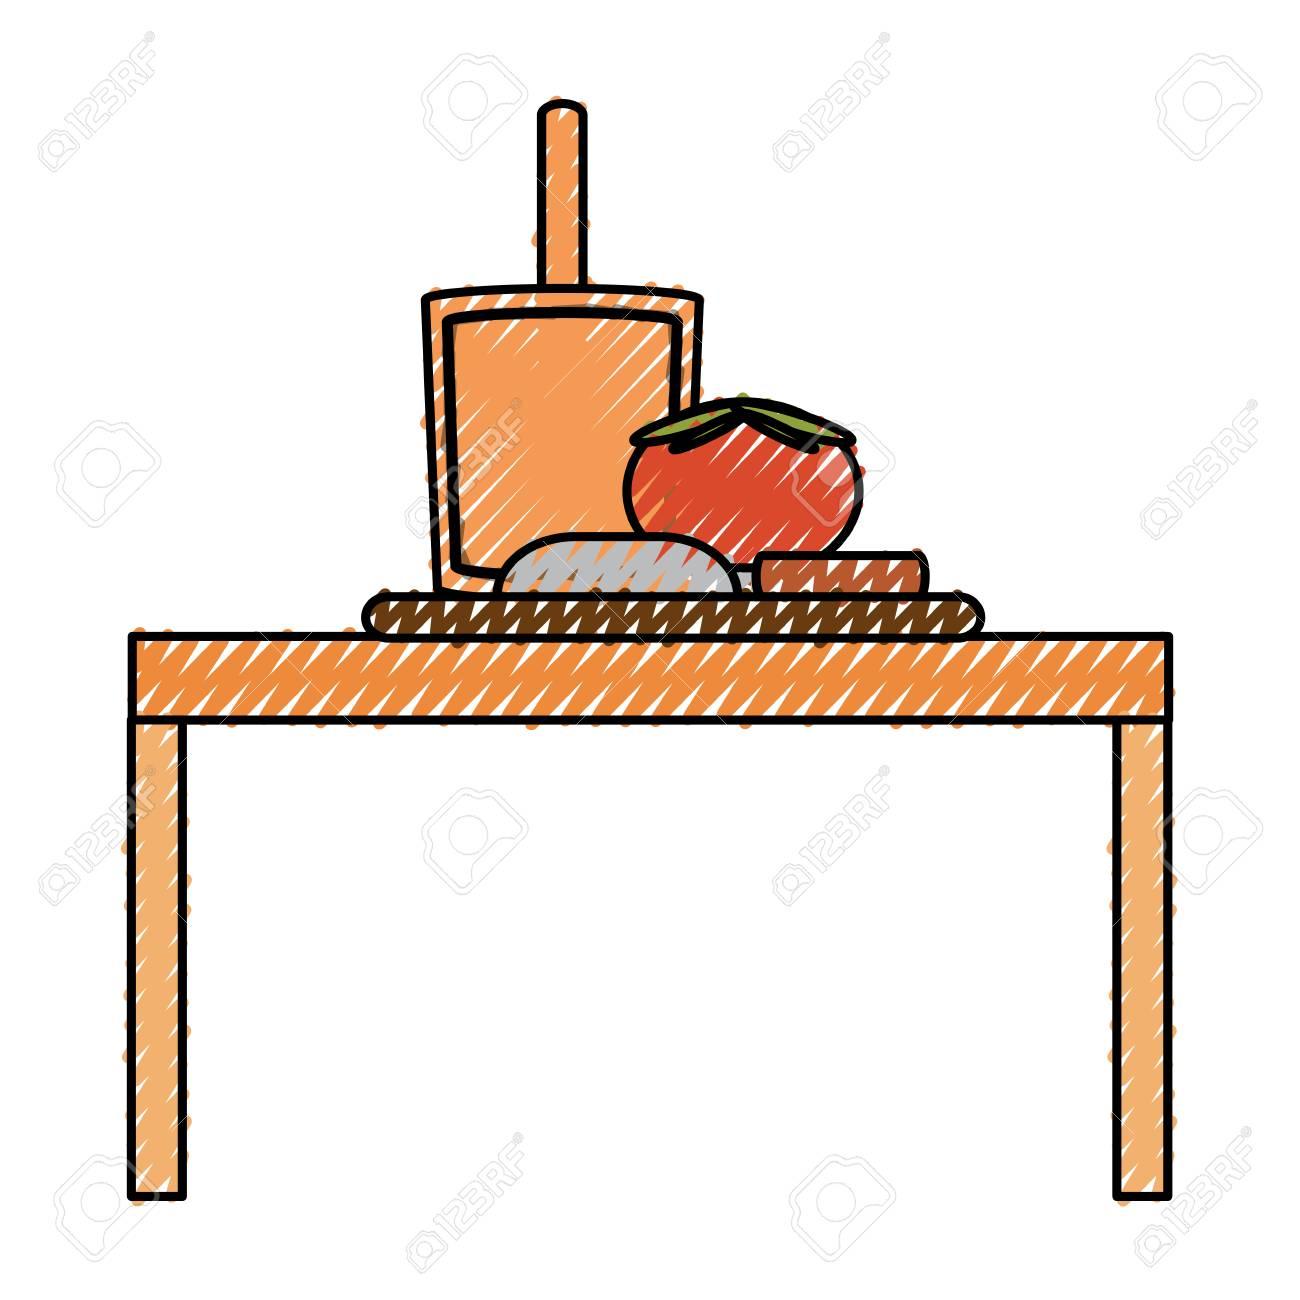 Bunte Küchentisch Doodle über Weißem Hintergrund Vektor-Illustration ...